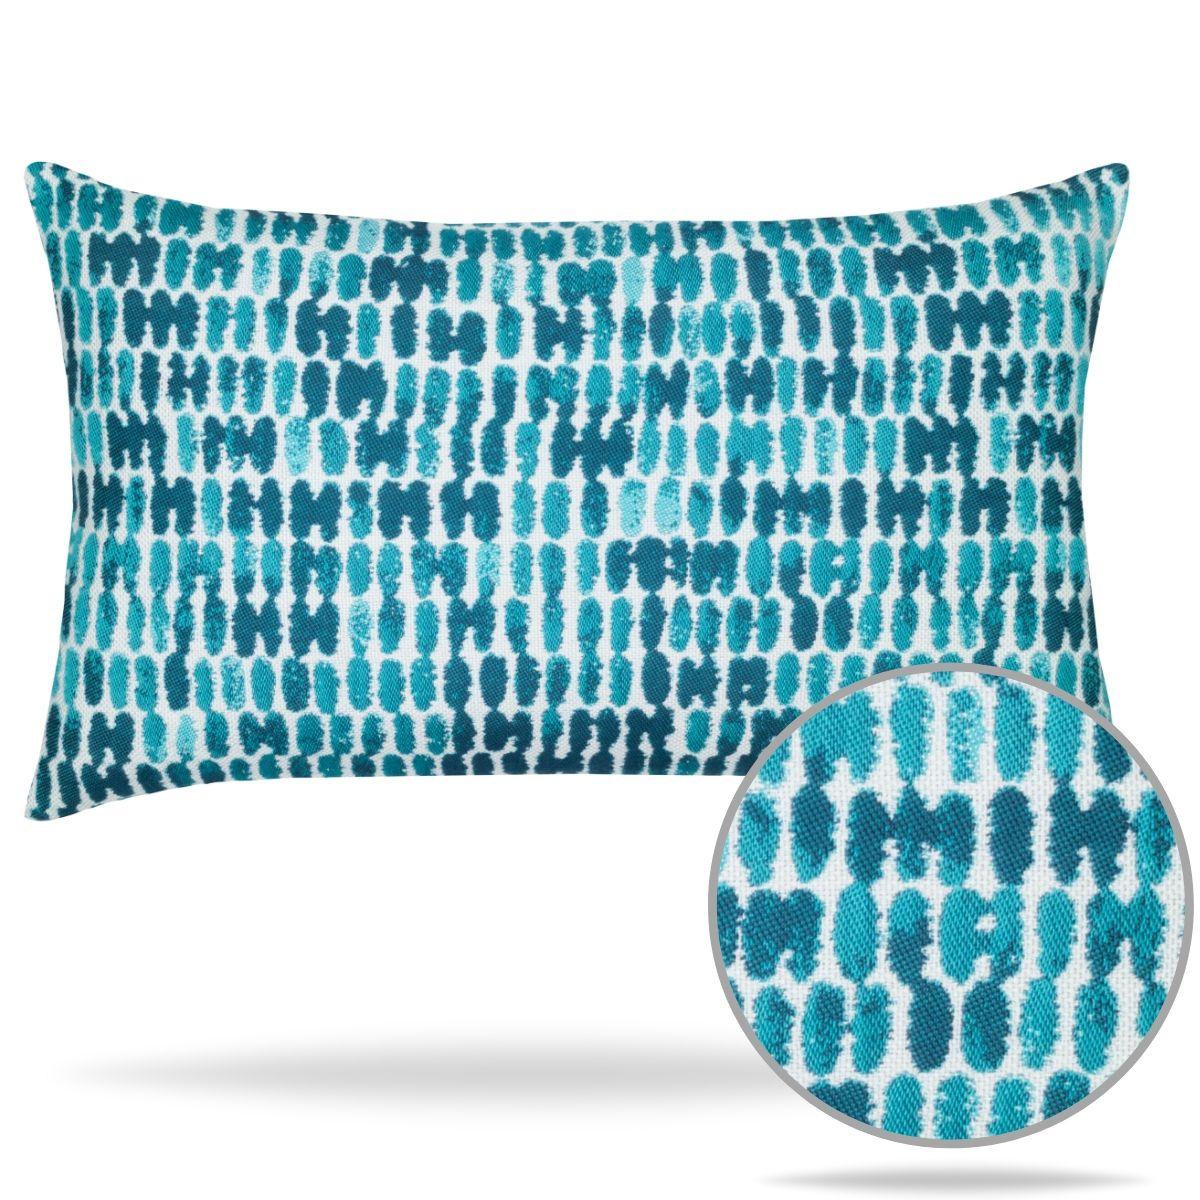 thumbprint-aruba-lumbar-pillow